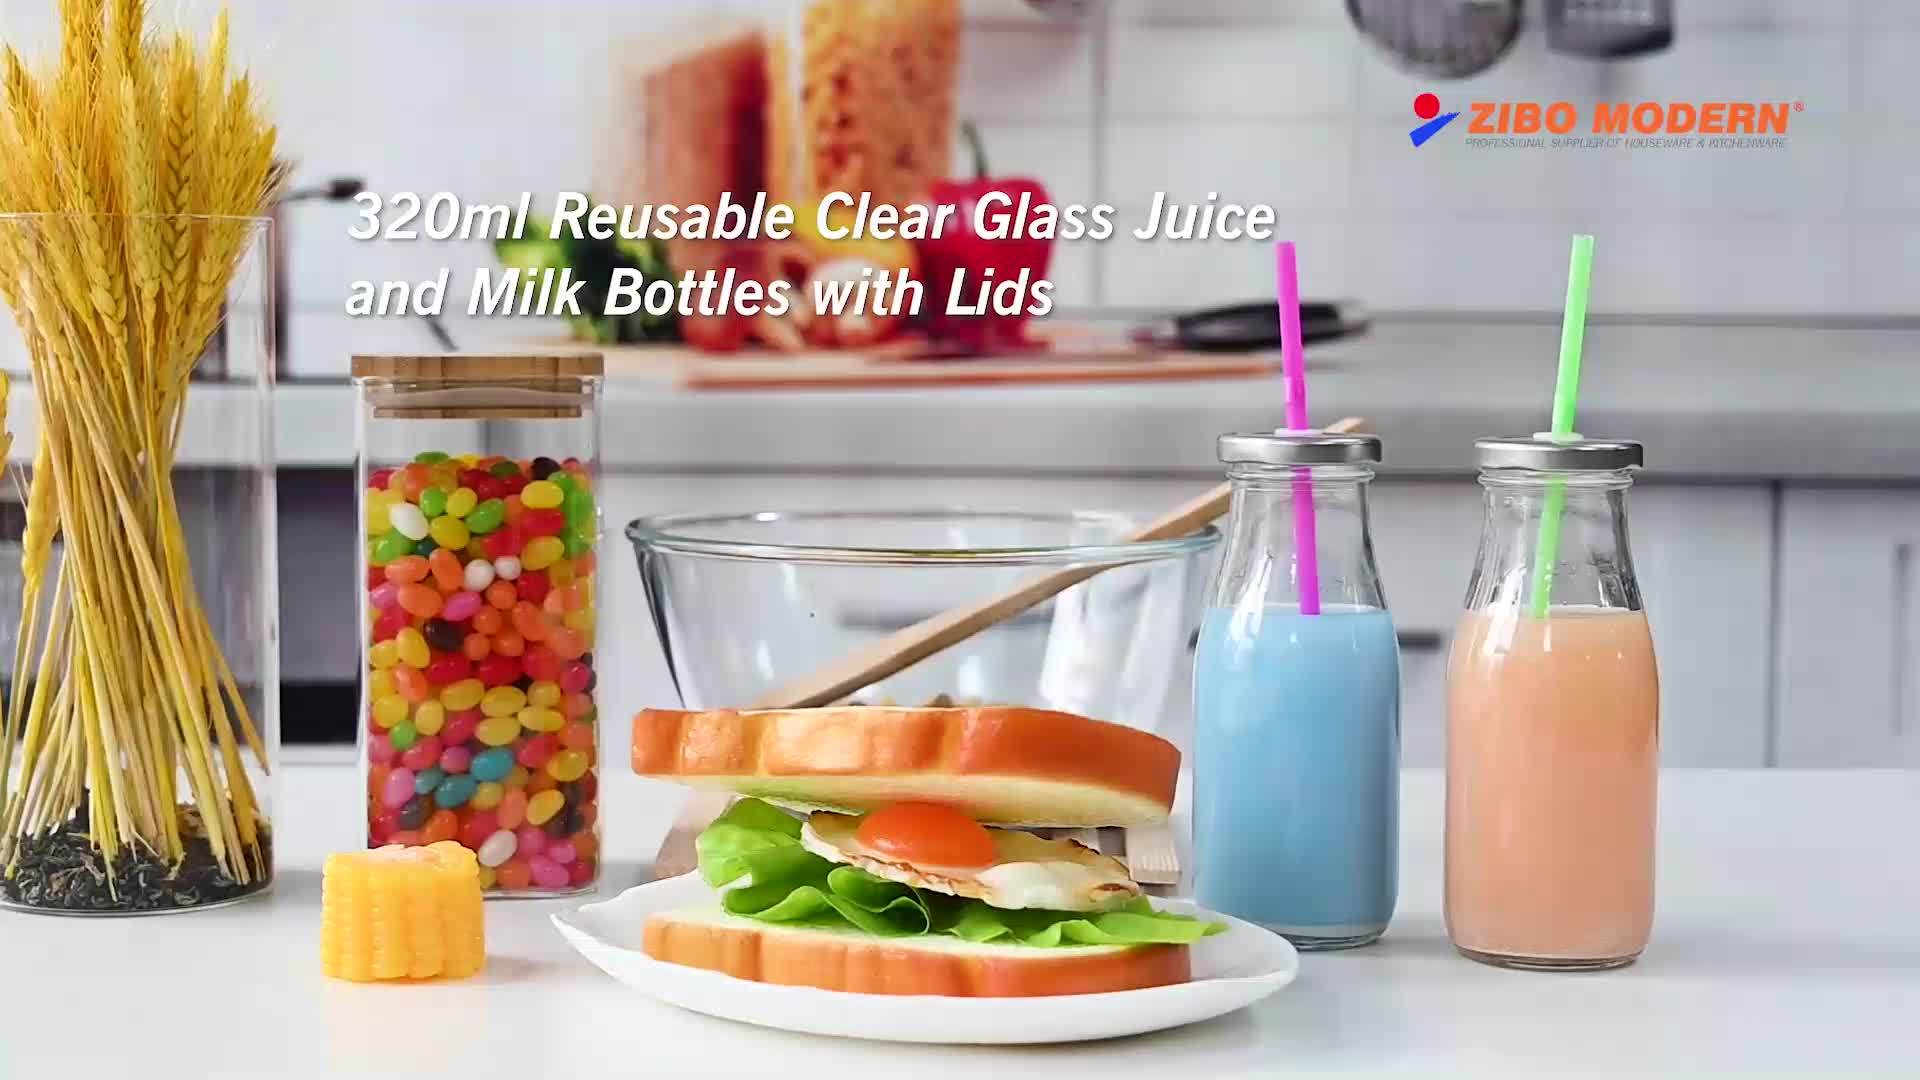 زجاجة حليب زجاجية معتّق بالزجاج بالجملة بغطاء بلاستيكي